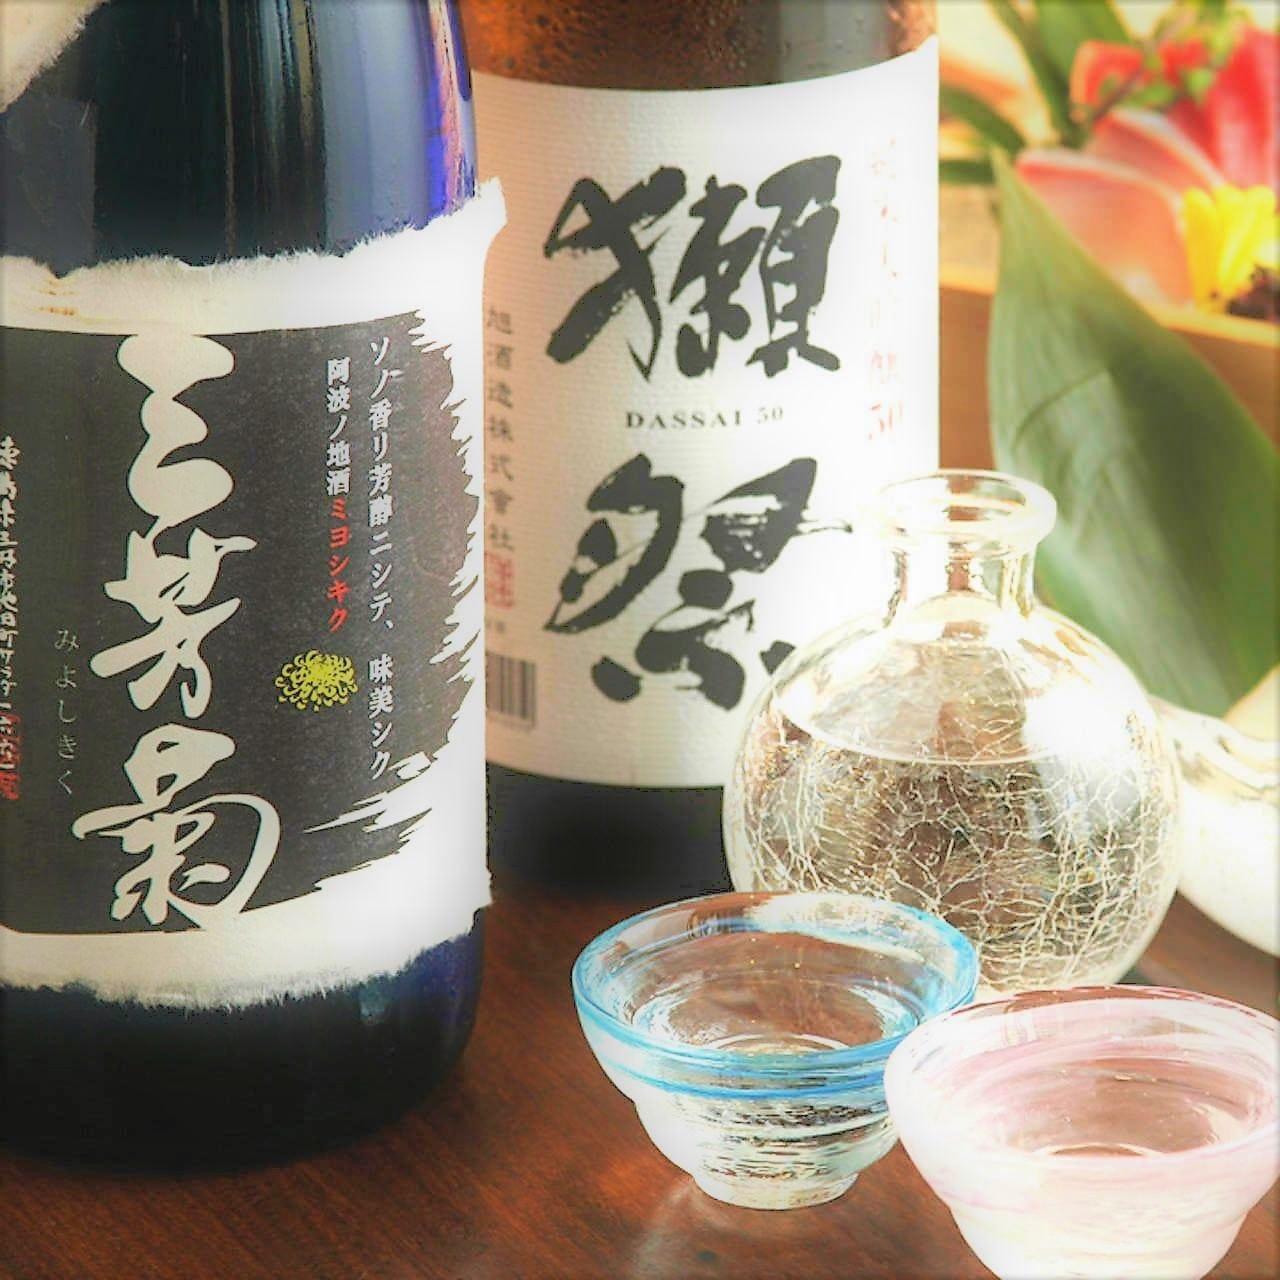 ラインナップはシーズンで種類が変わり季節酒も登場します